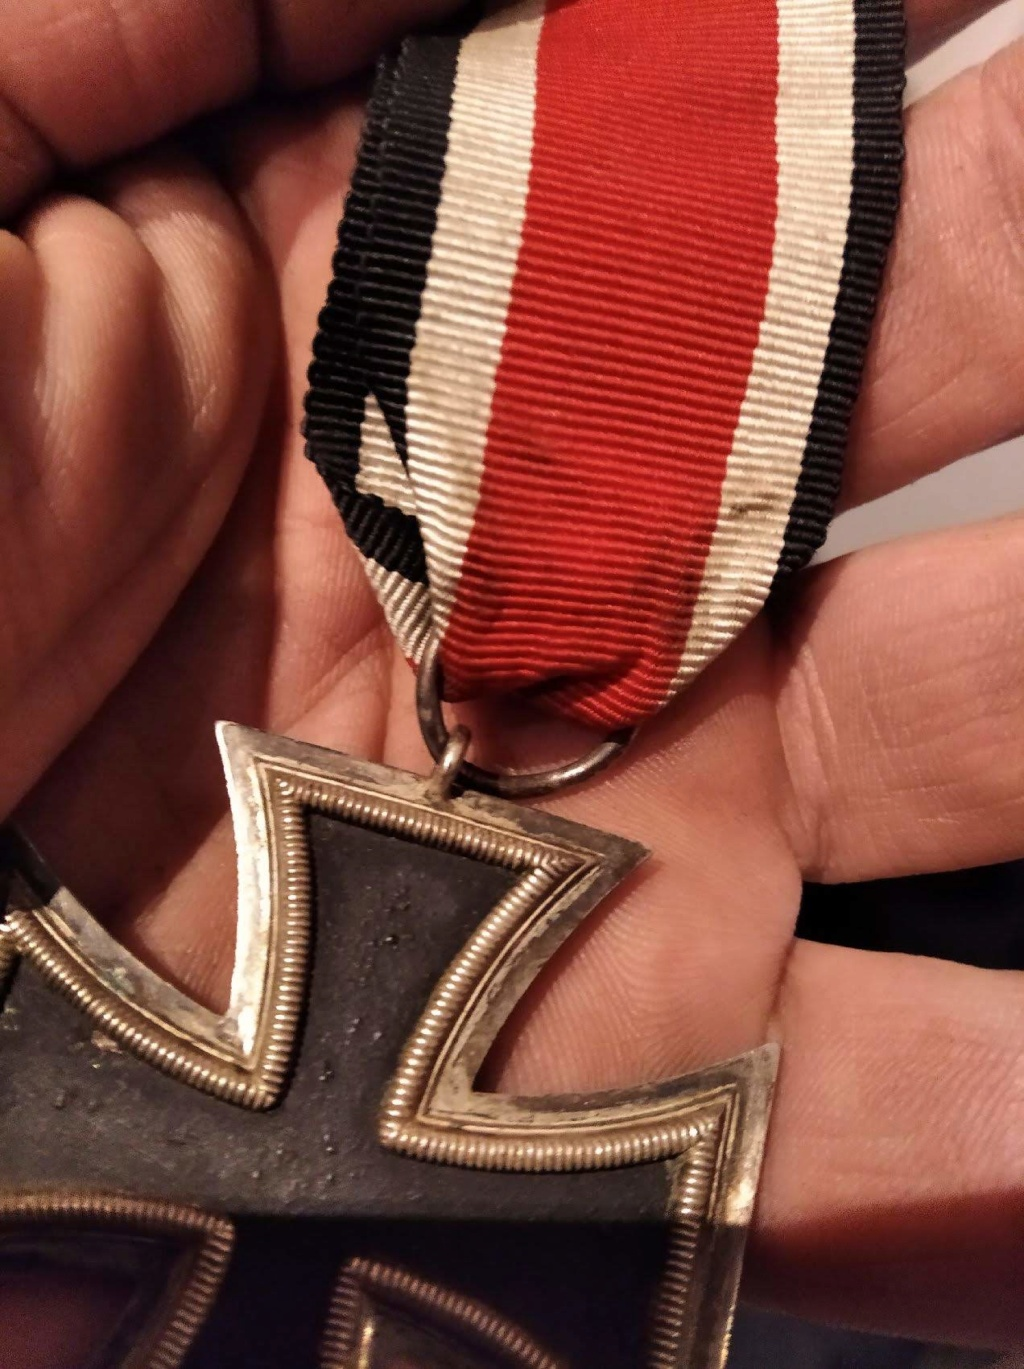 Authentification croix de fer ww2 Image_13